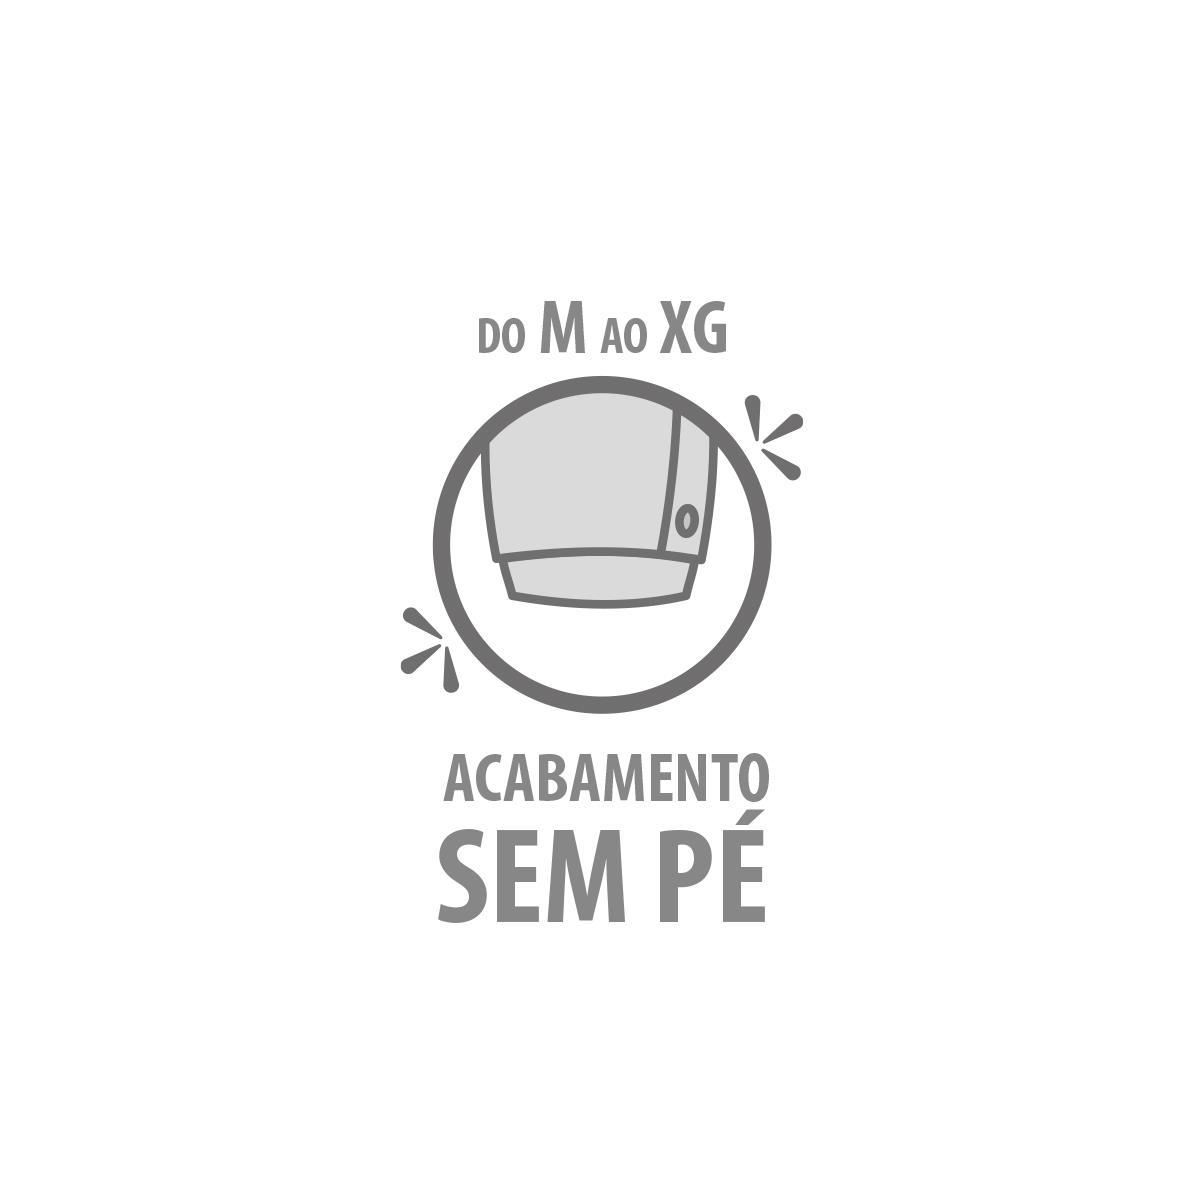 Macacão Plush Zíper Raposinha - Tamanhos RN e P com pezinho; M, G e XG sem pezinho  - Piu Blu